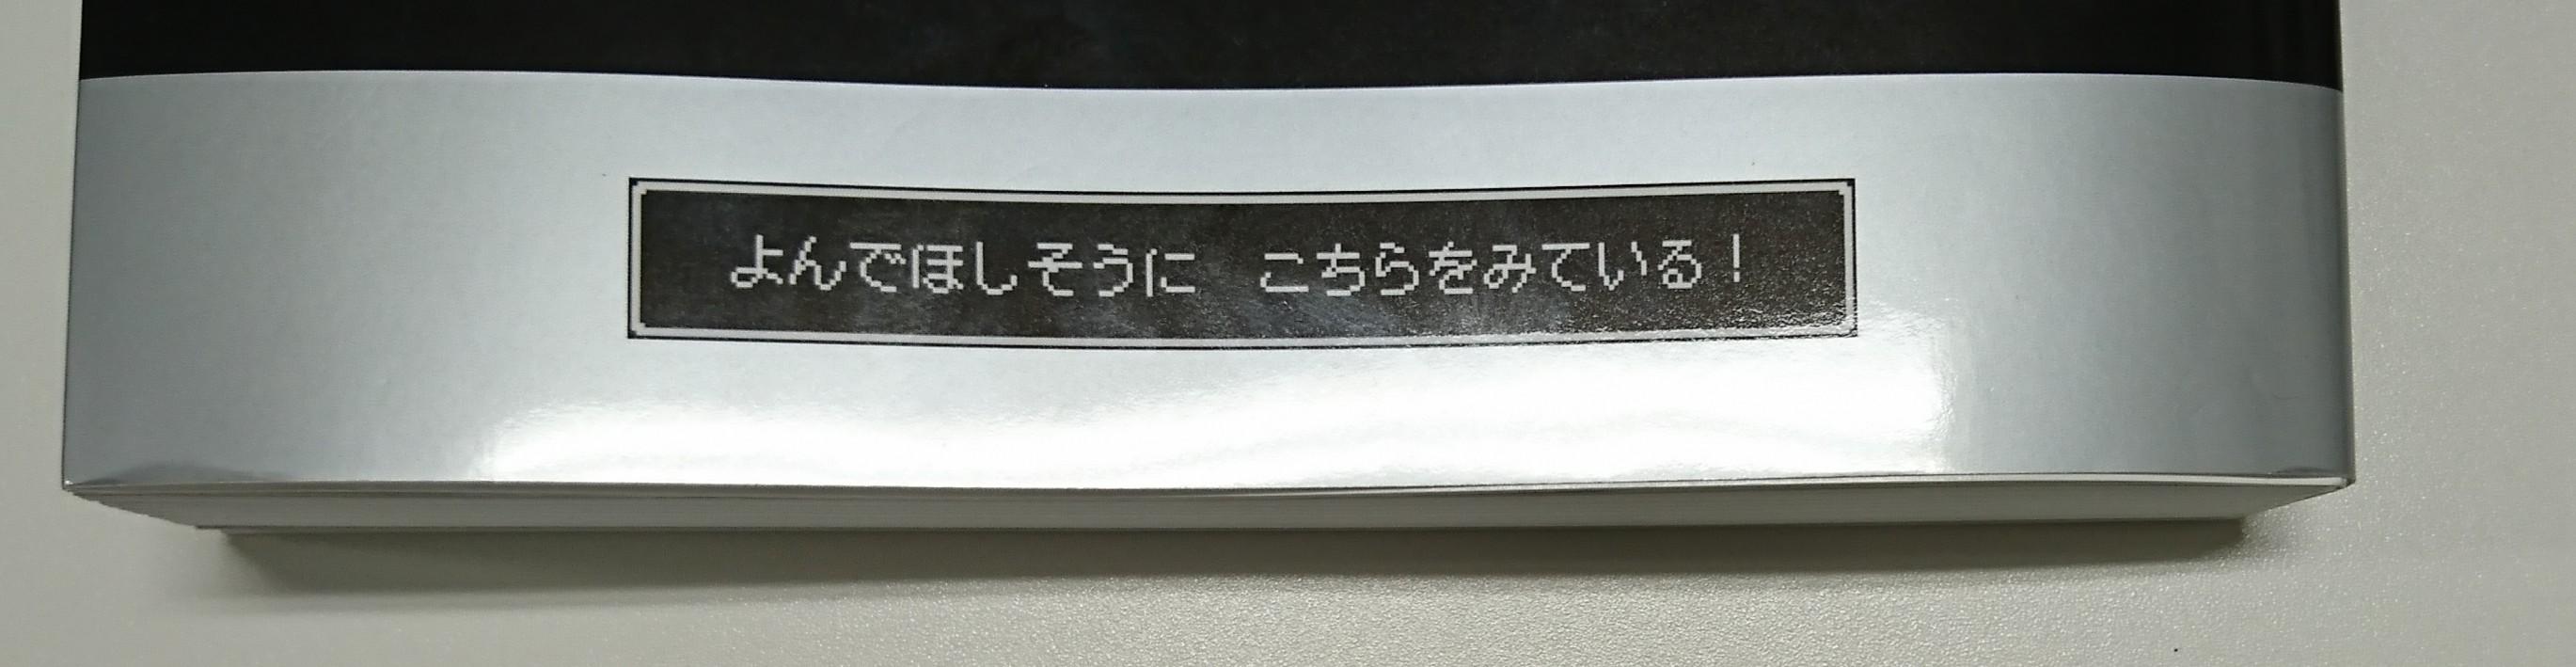 Photo_18-11-20-16-22-19.954